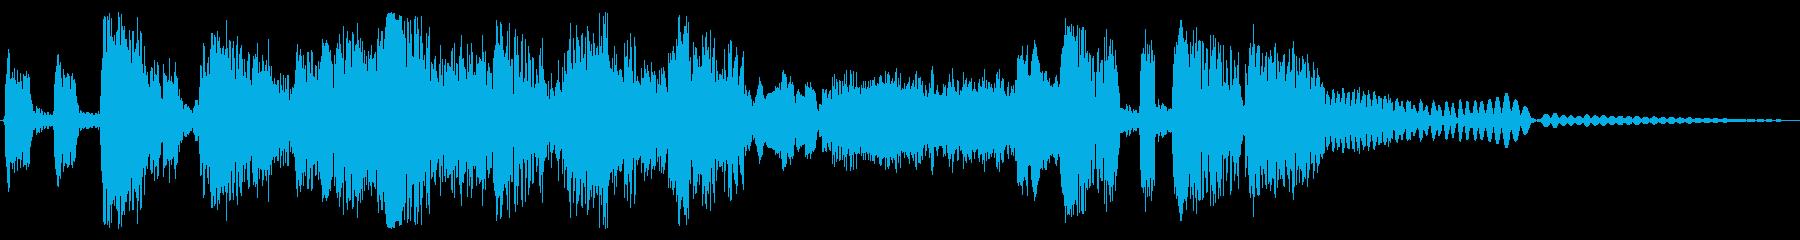 ジャジーで暗いジングル 4秒の再生済みの波形